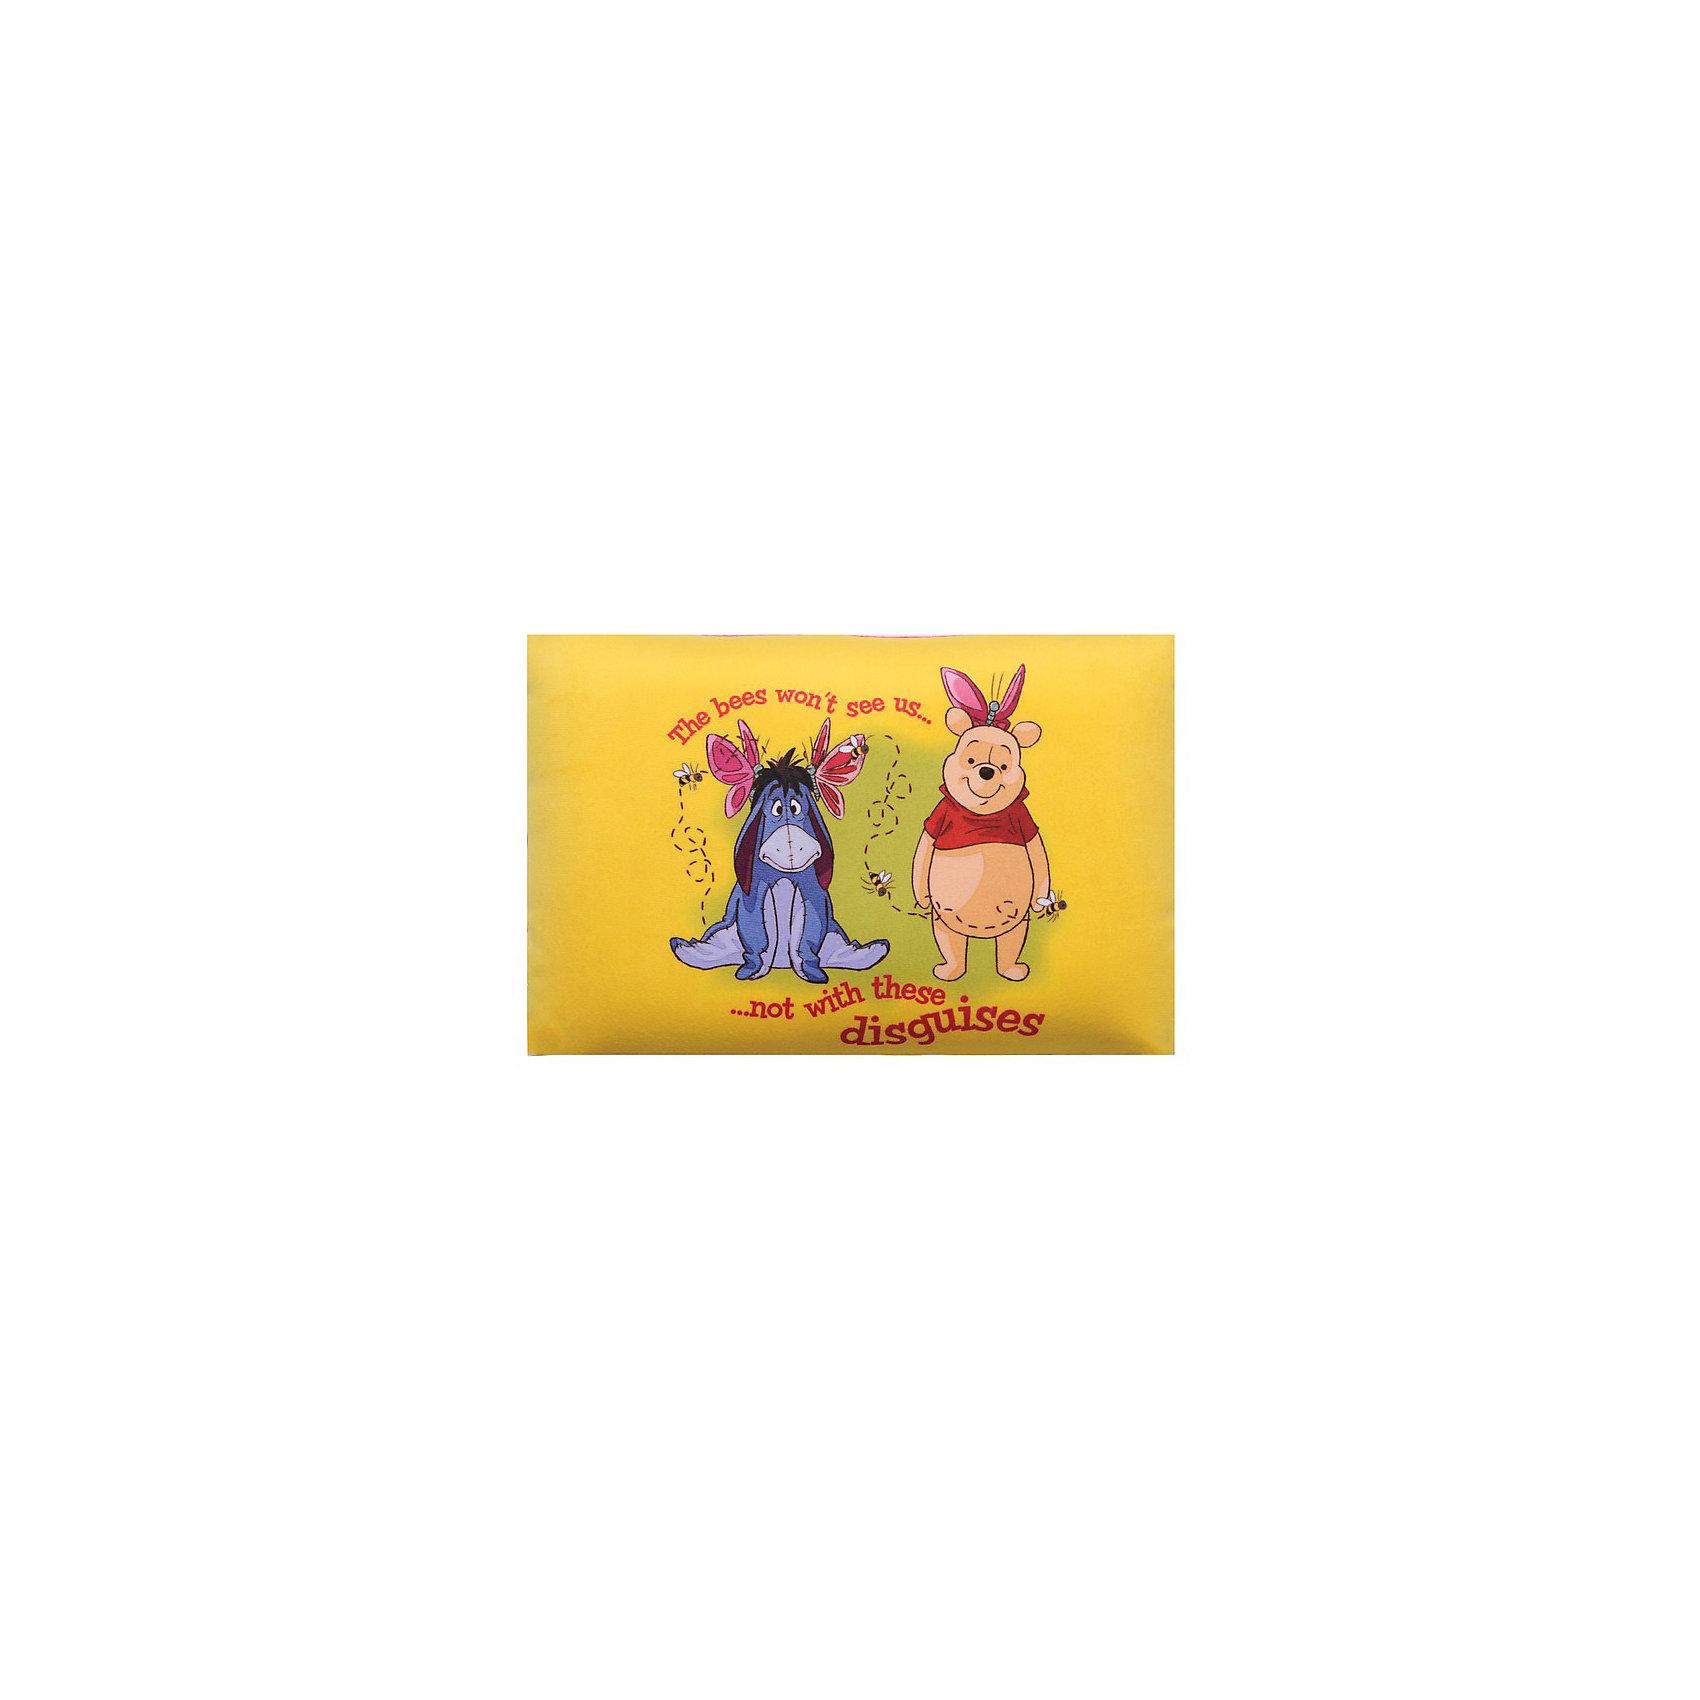 Подушка-антистресс трансформер Винни Пух В33, арт. 52719-1, Small Toys, желтый